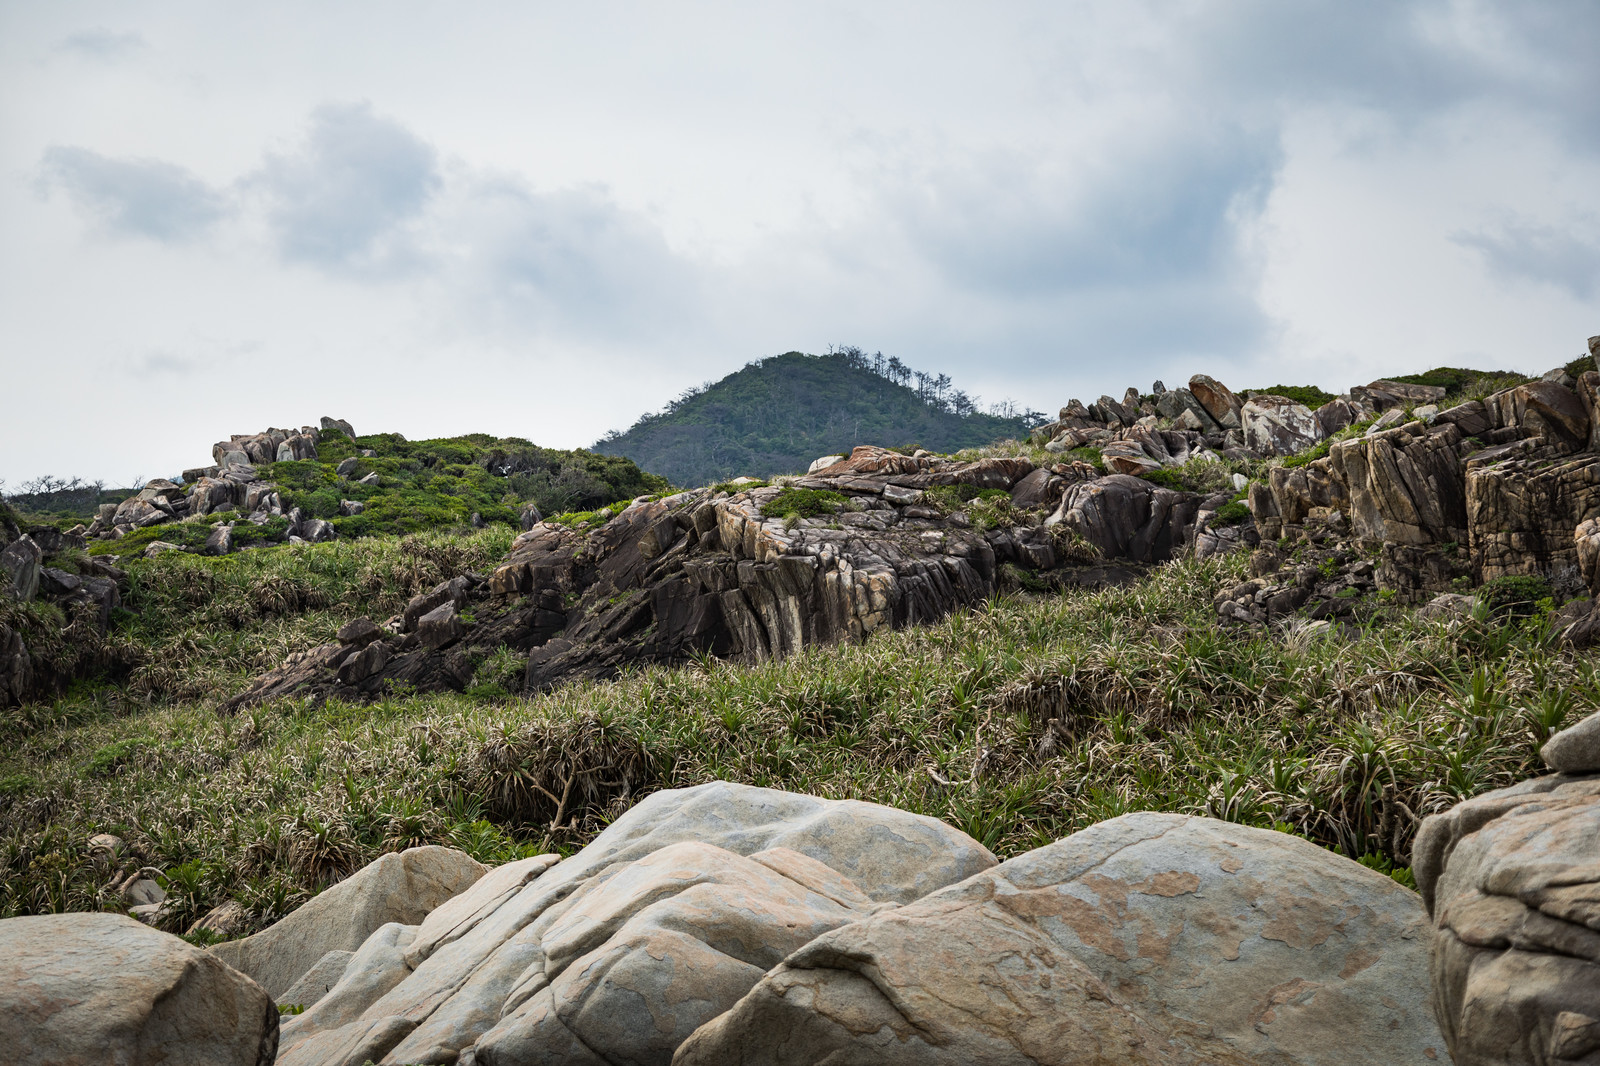 「奄美群島のムシロ瀬」の写真